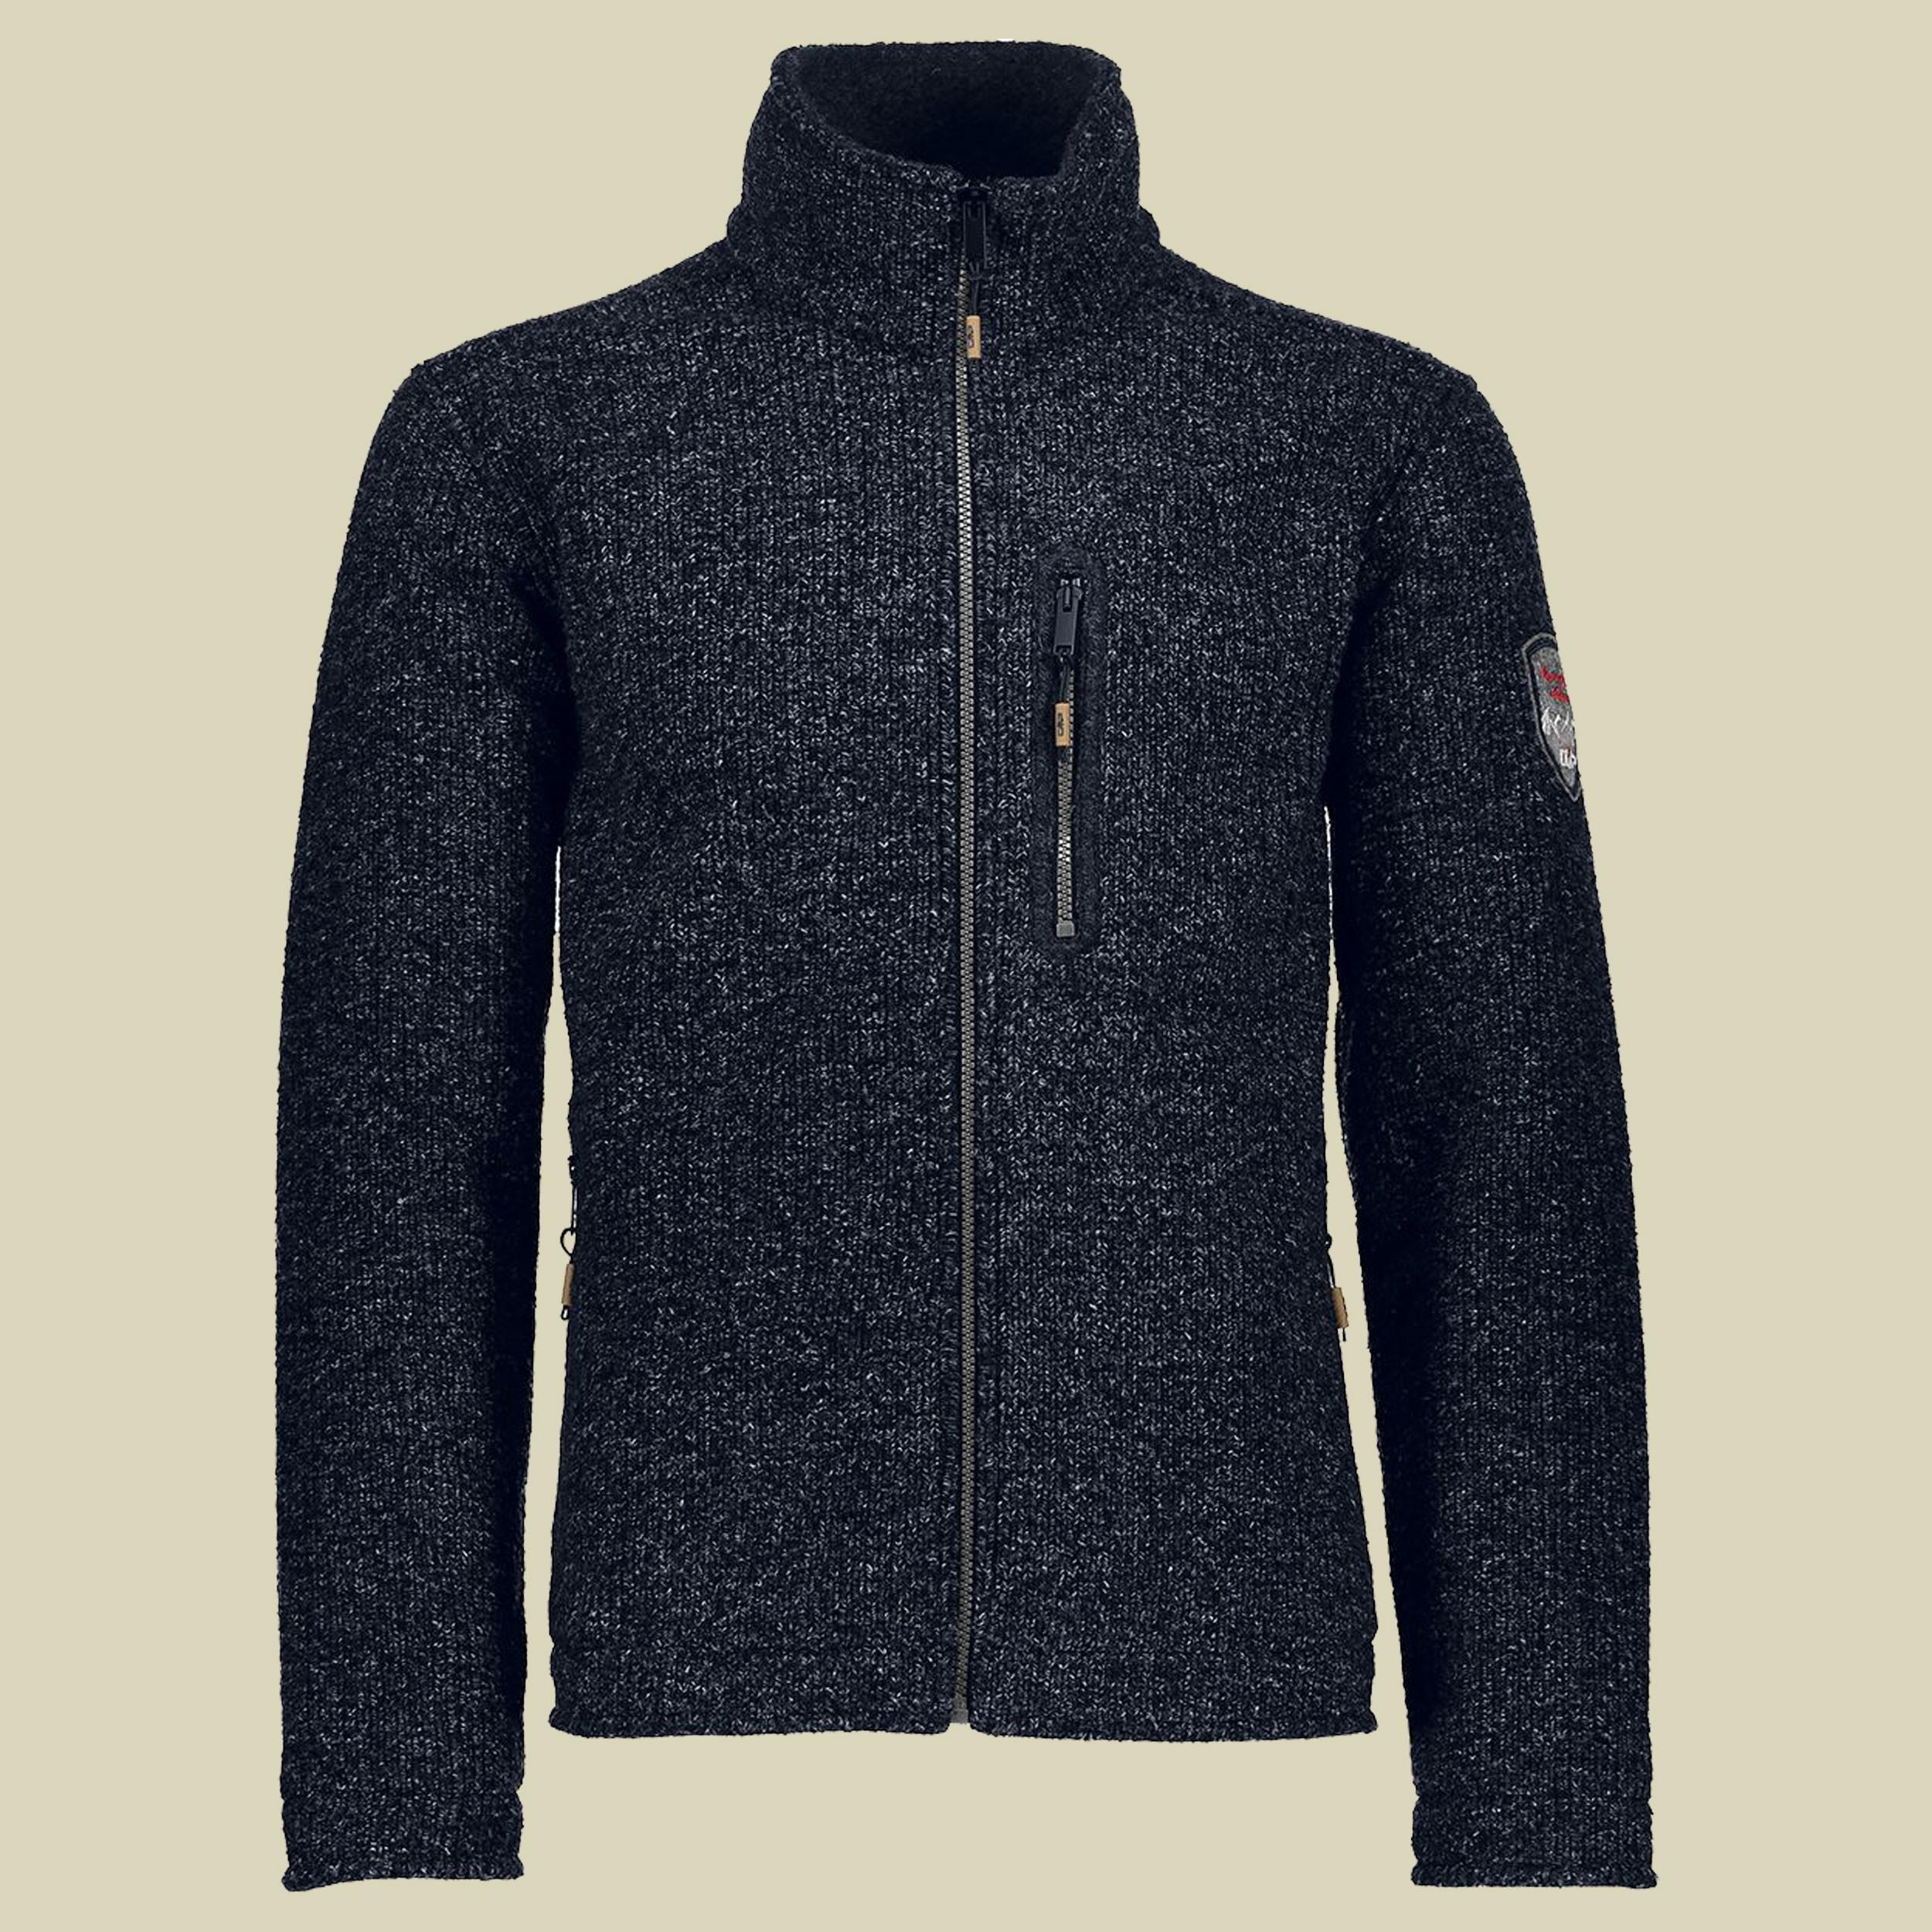 Man Jacket Wooltech 39M3747